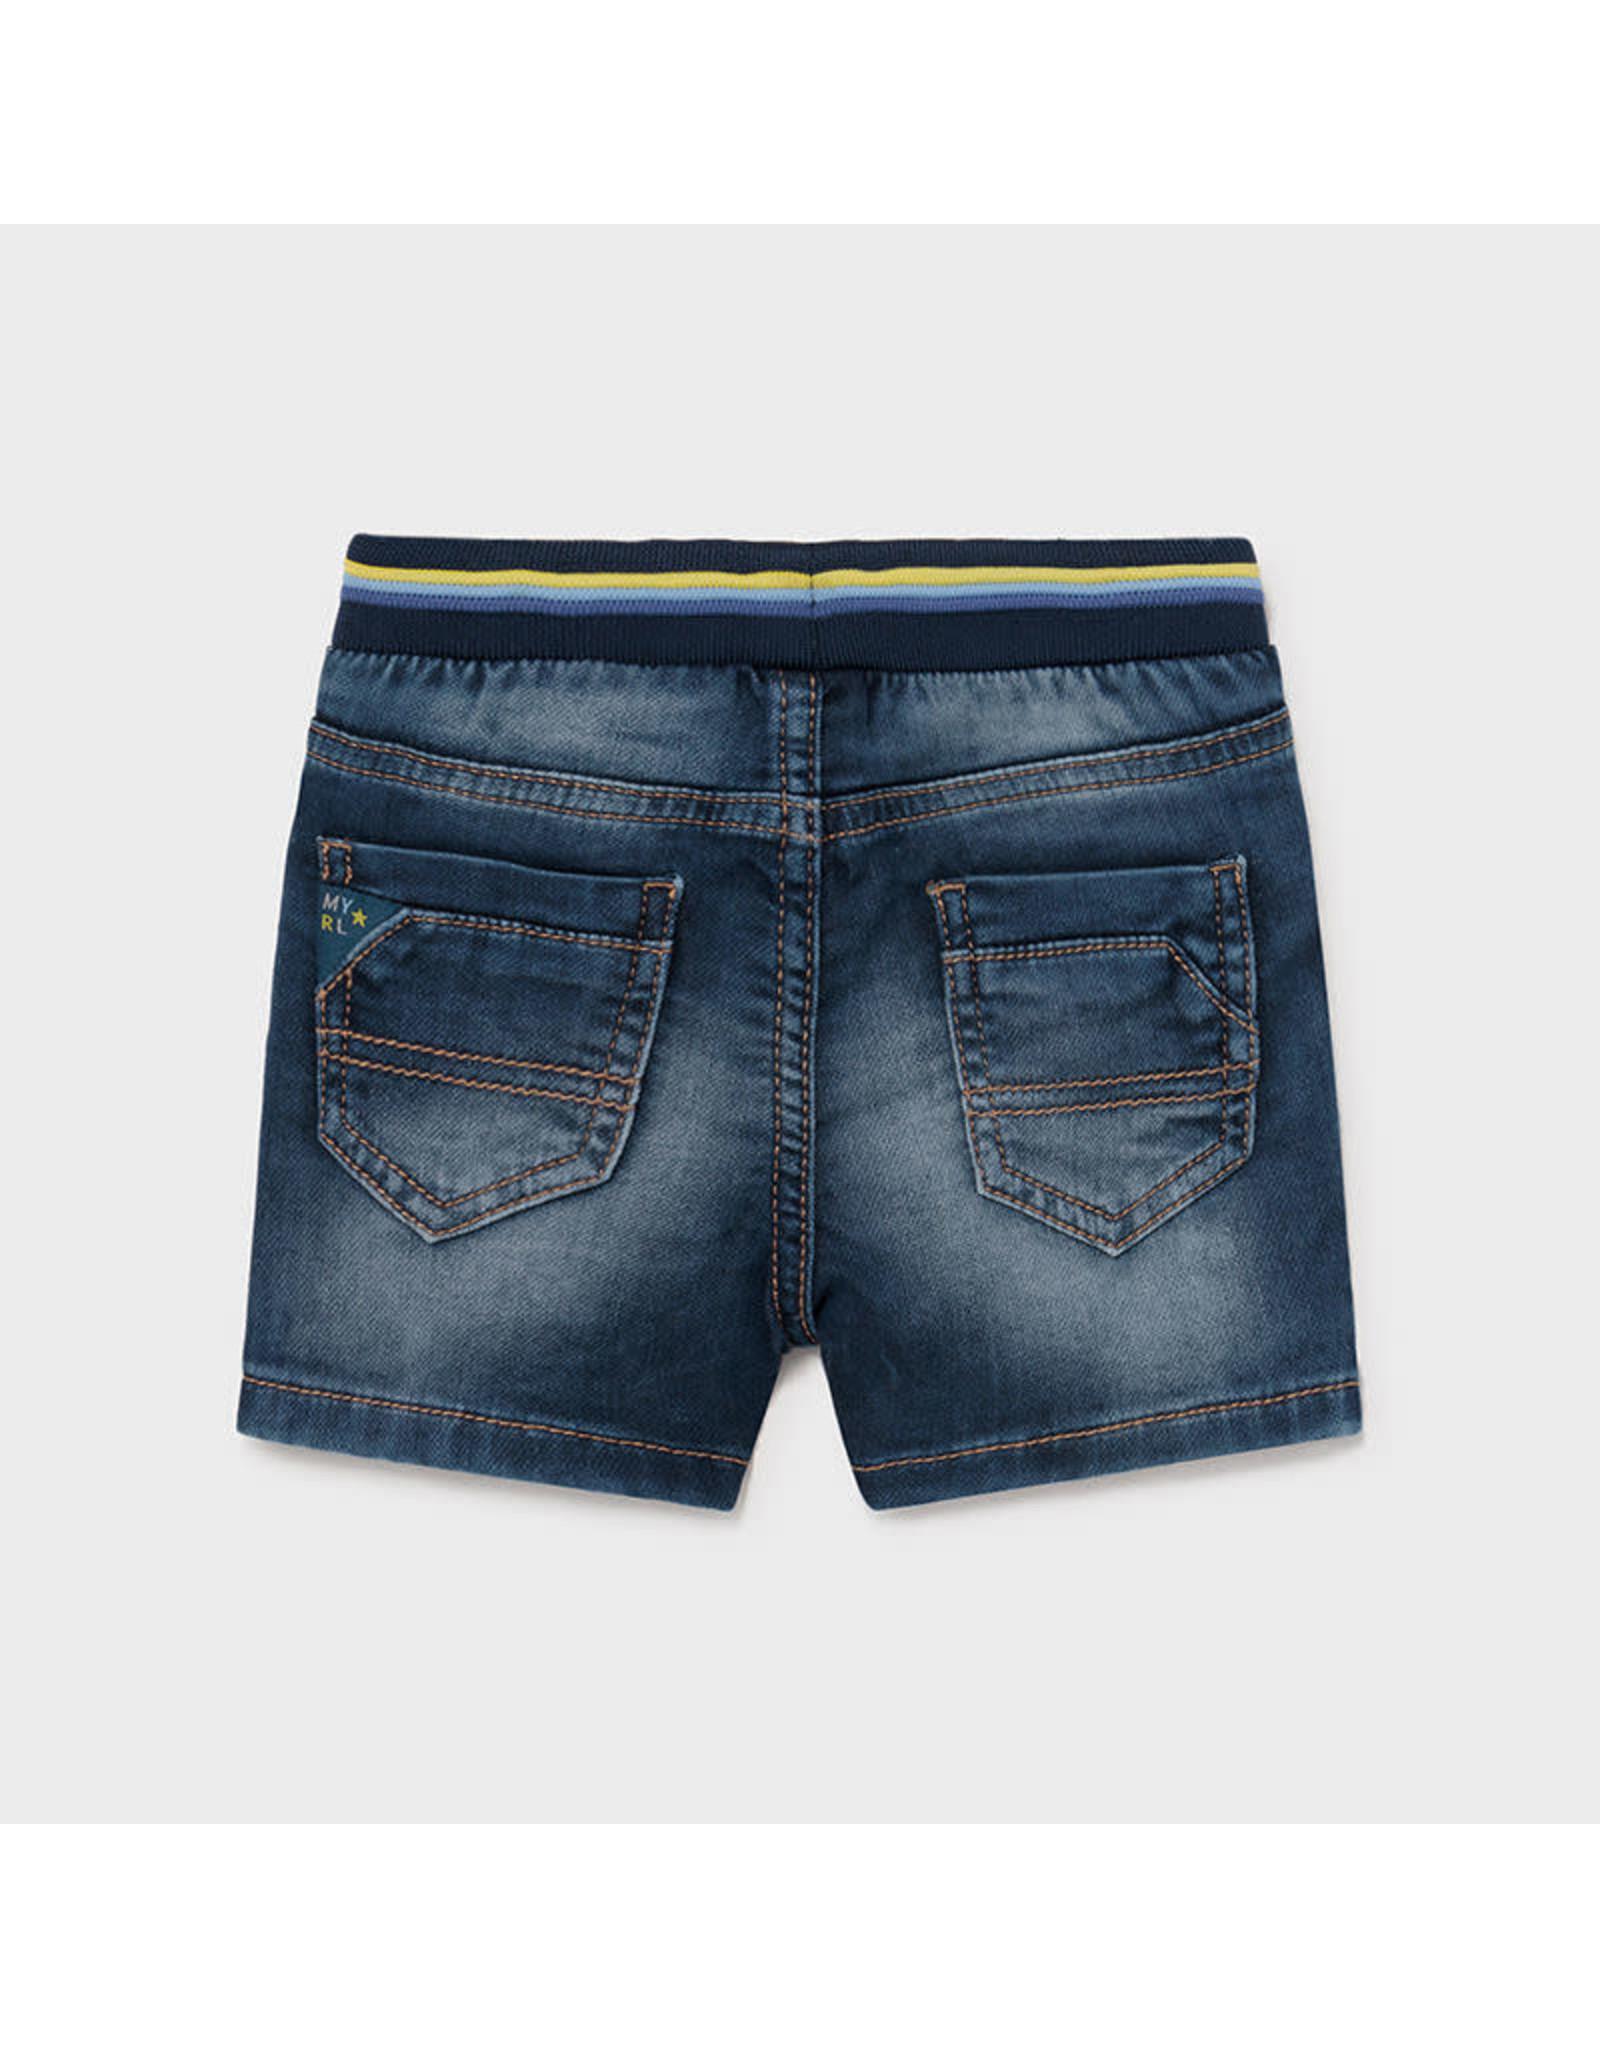 Mayoral Soft Denim Shorts - Medium Wash